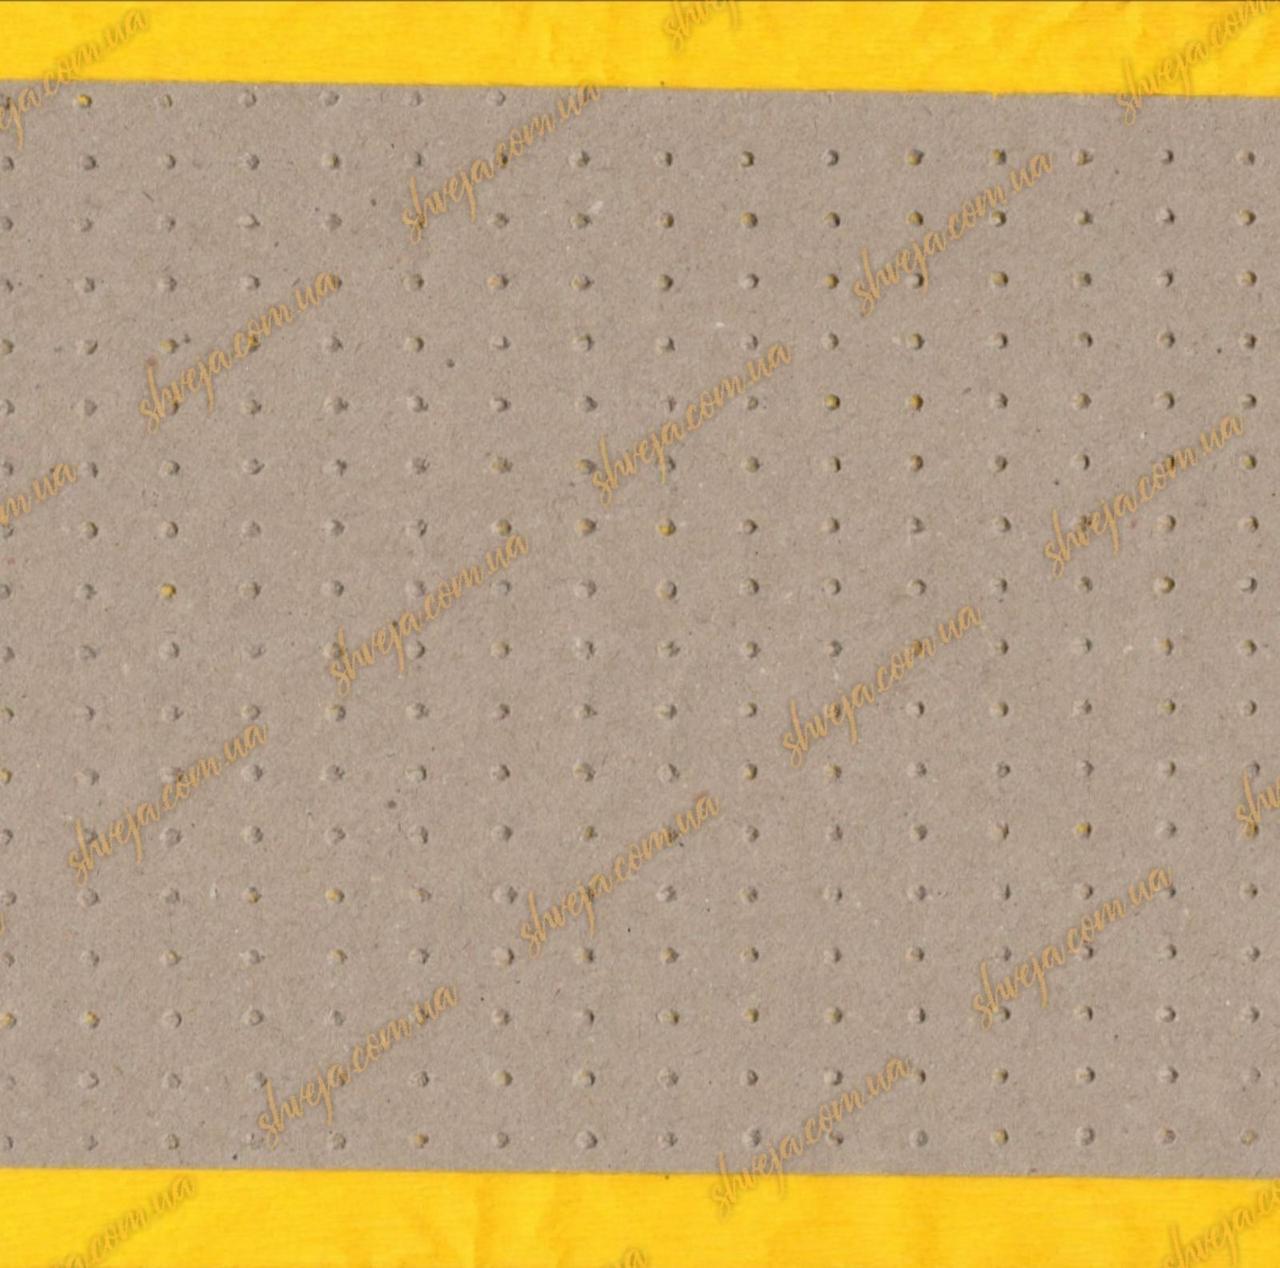 Бумага под настил микроперфорированная крафт 168см / 80г рулон 30кг